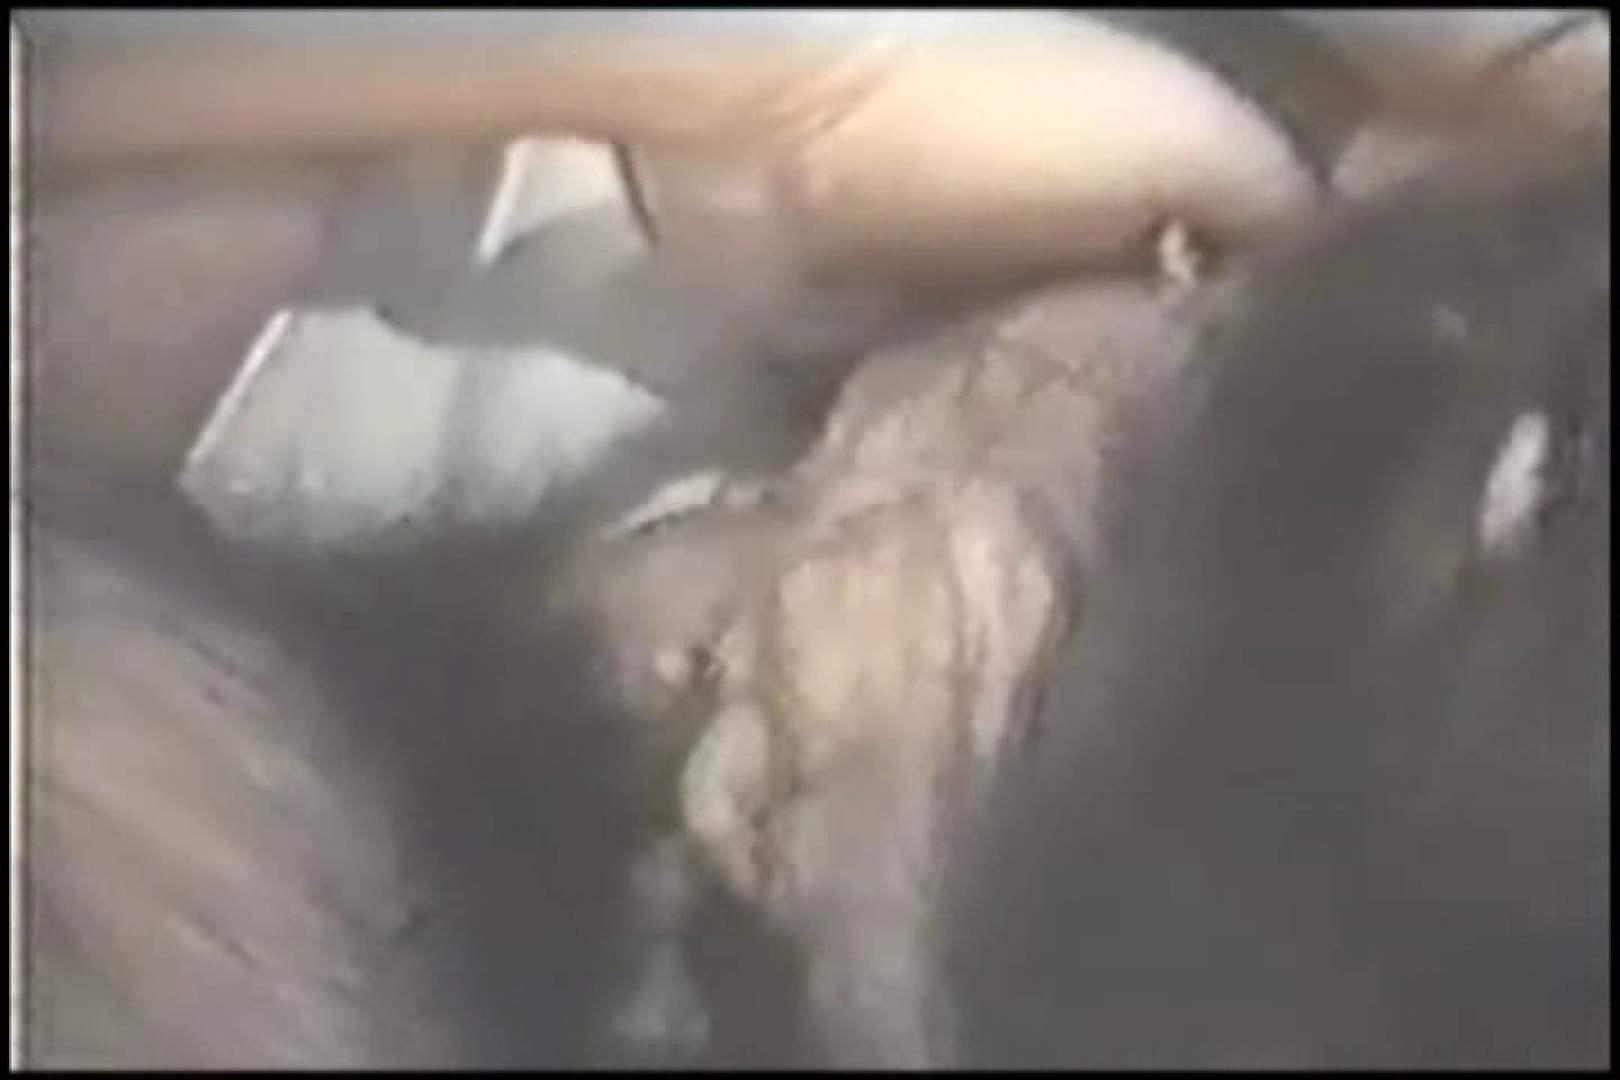 前後不覚に酔っている女を撮影する鬼畜親父 ホテル | 一般投稿  75画像 65